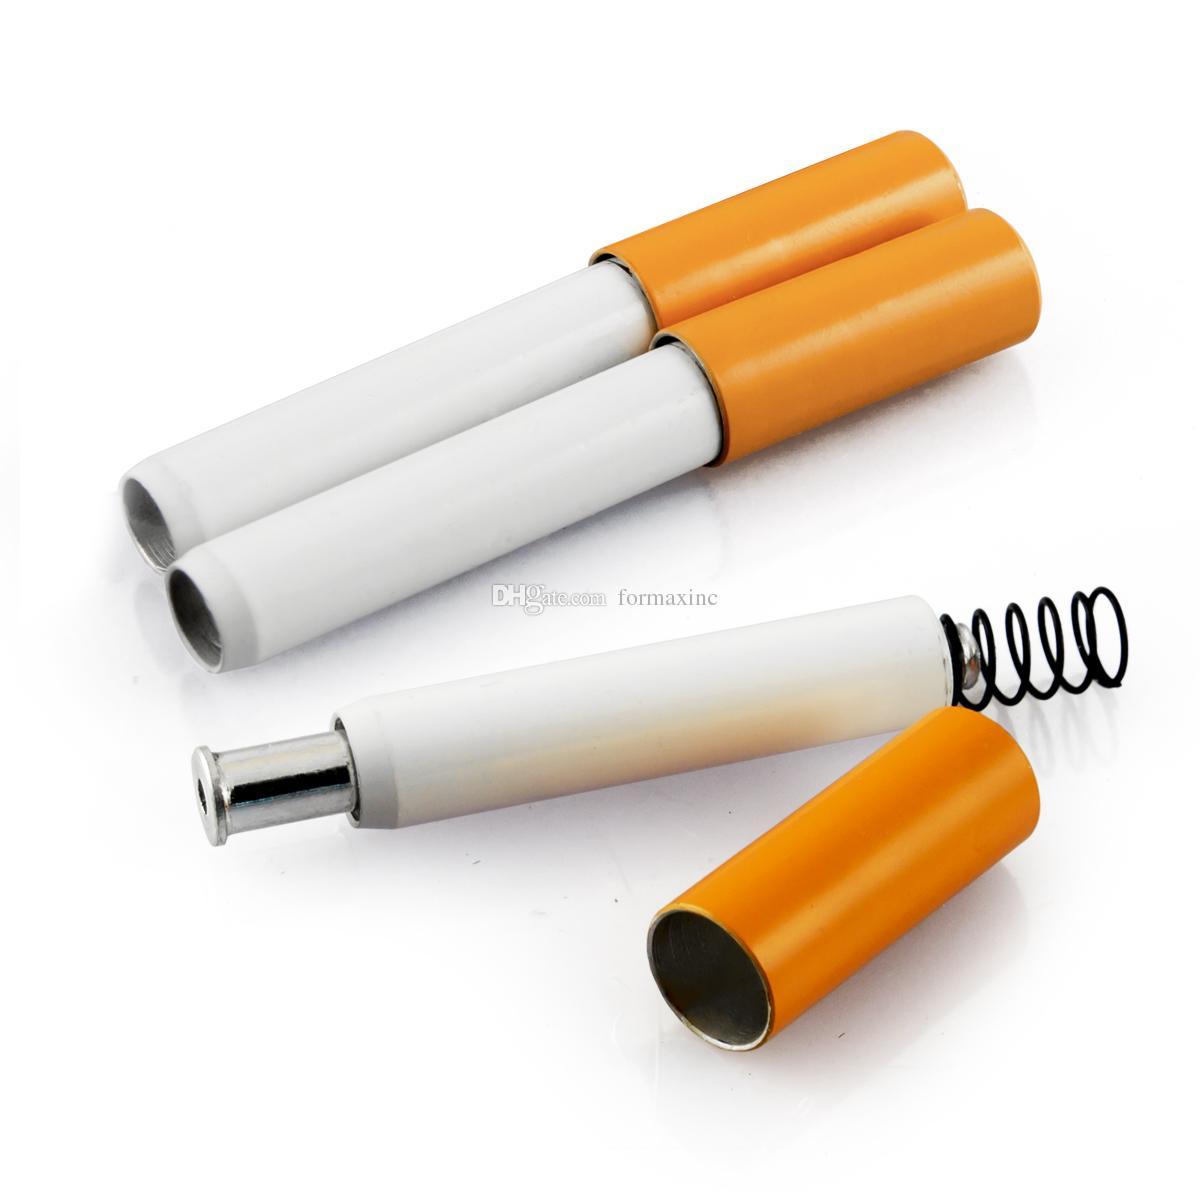 5 X 2-Дюймовый Весной Сигареты Держатель Для Курения Аксессуары Бесплатная Доставка